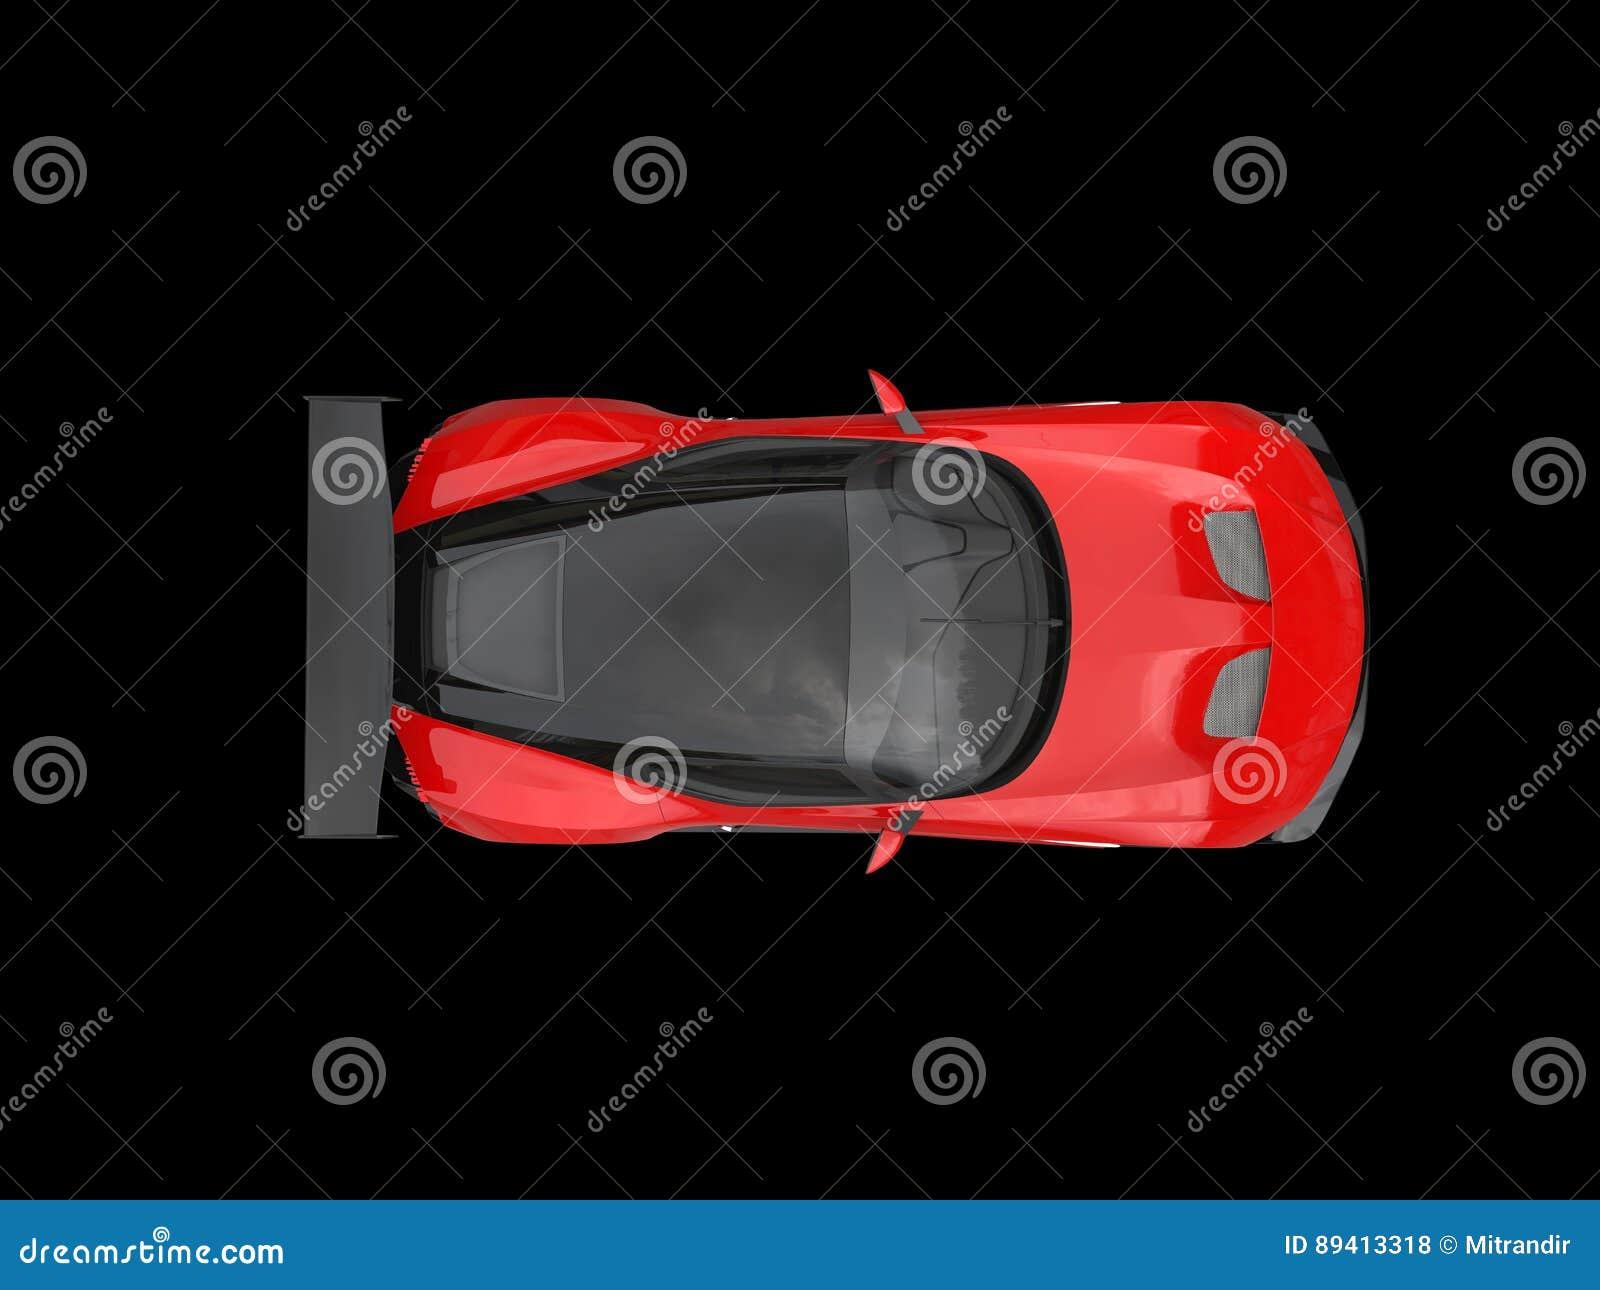 Carro de corridas moderno impressionante preto e vermelho - vista superior